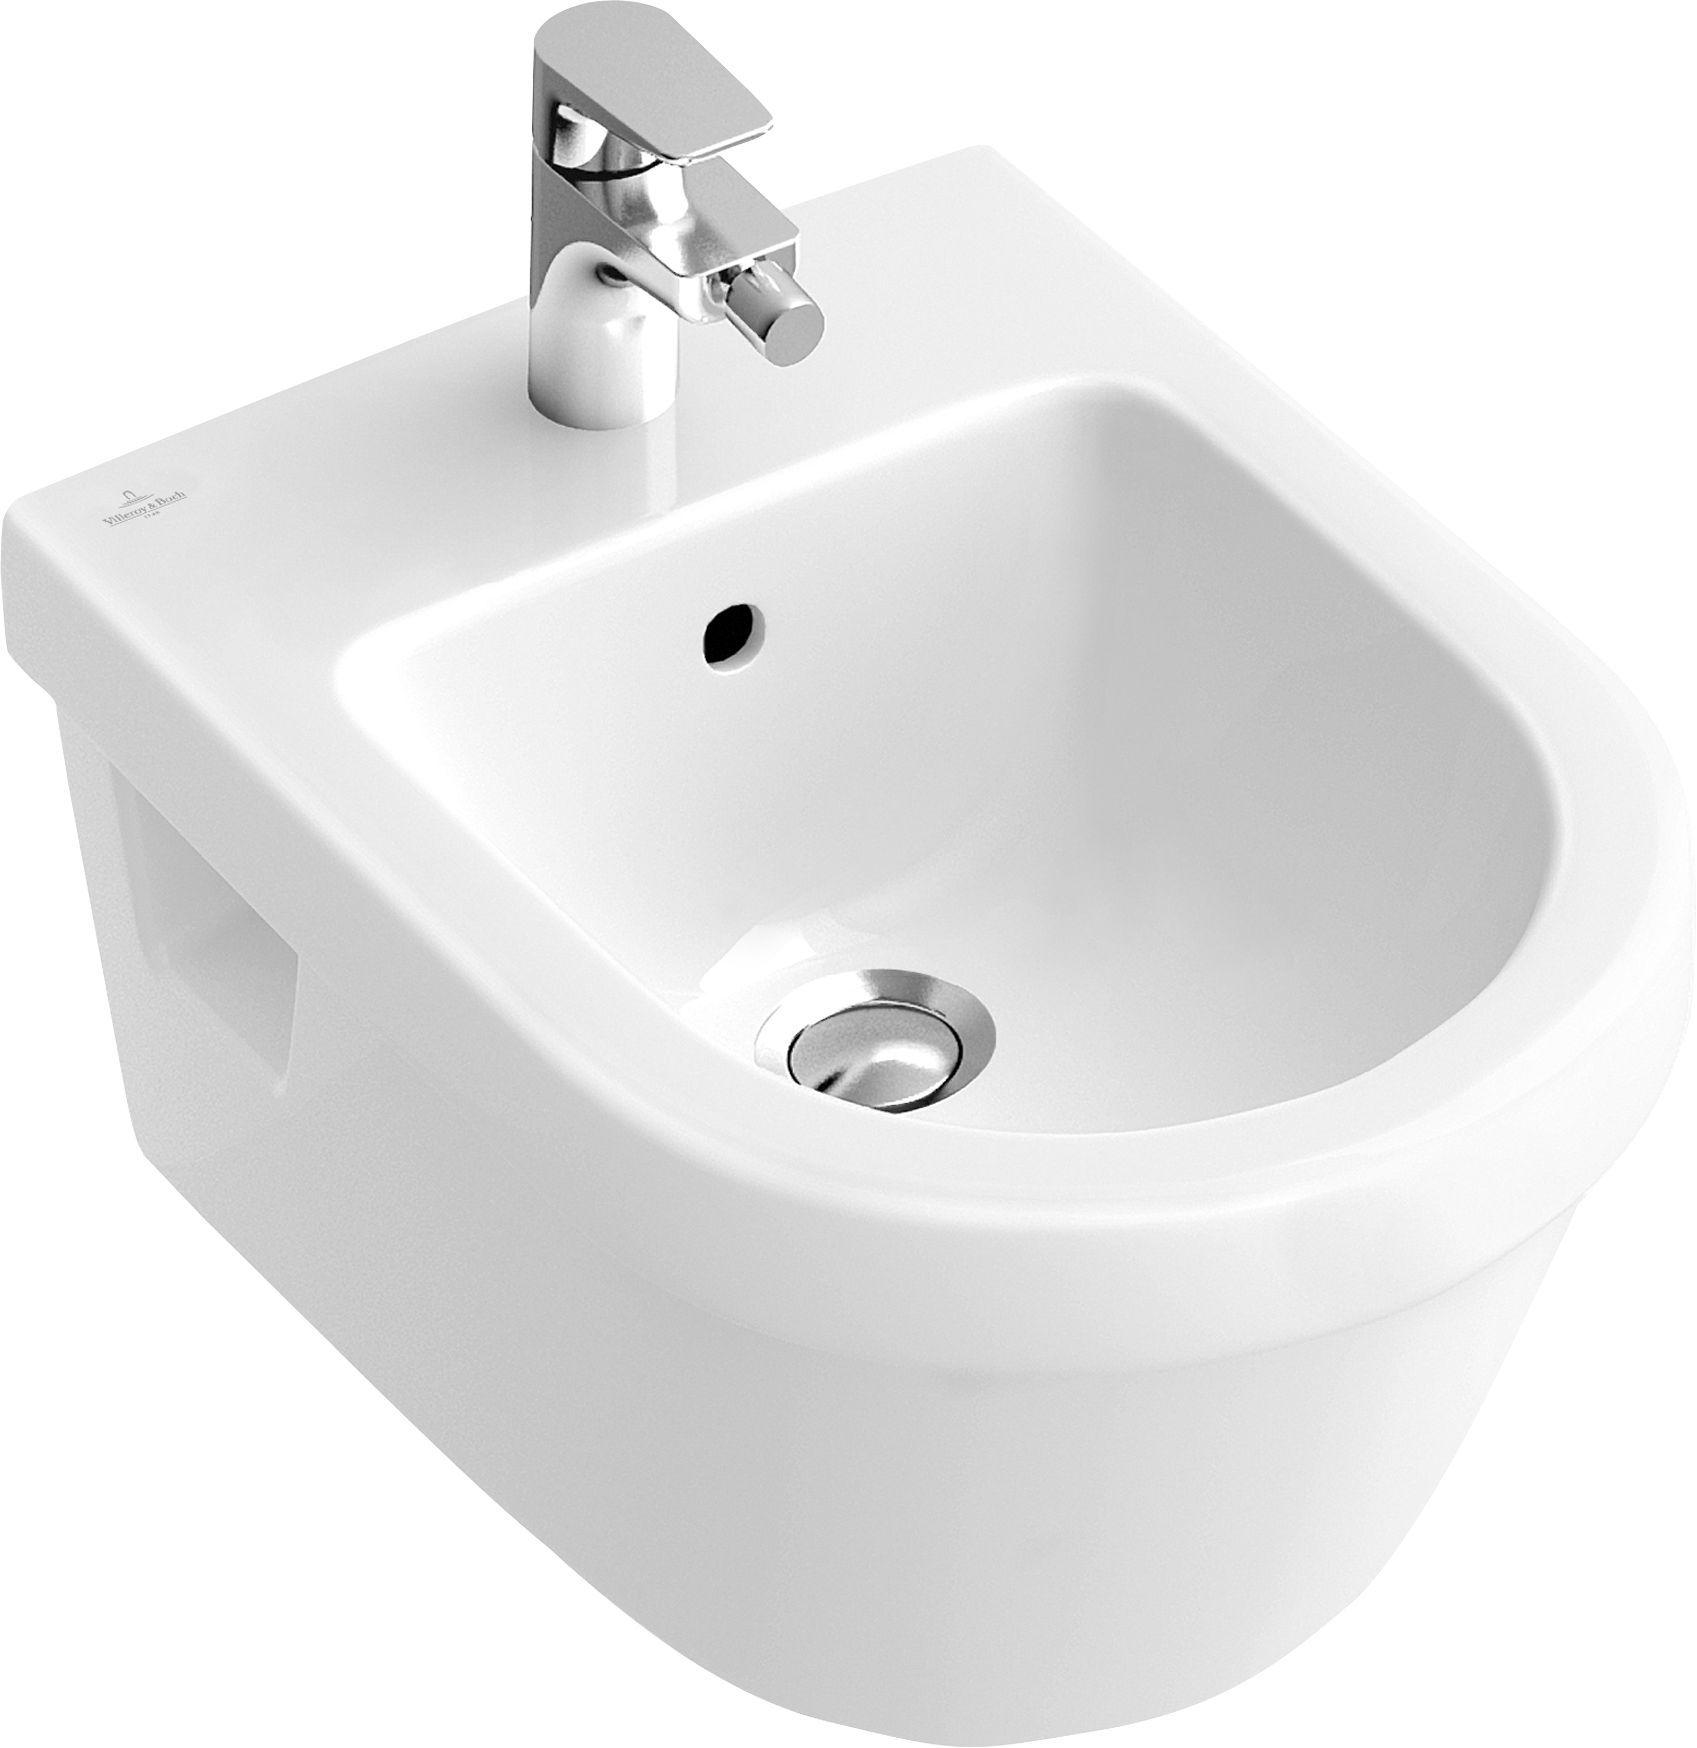 Villeroy & Boch Architectura Bidet weiß mit ceramicplus 548400R1